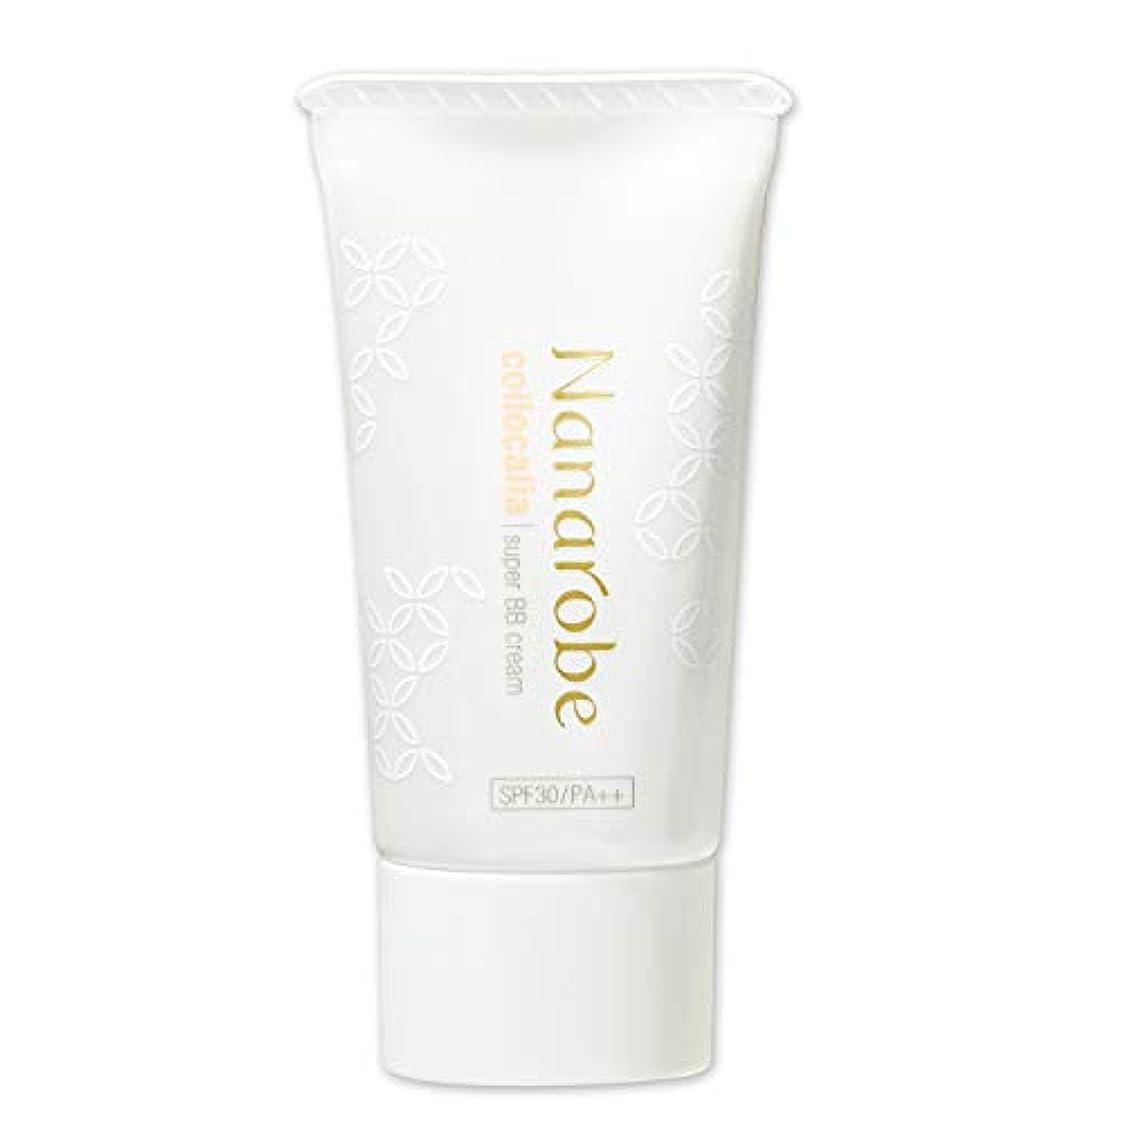 個性想起表現ナナローブ (Nanarobe) BBクリーム 化粧下地 ファンデーション コロカリア UV SPF30 PA++ 30g